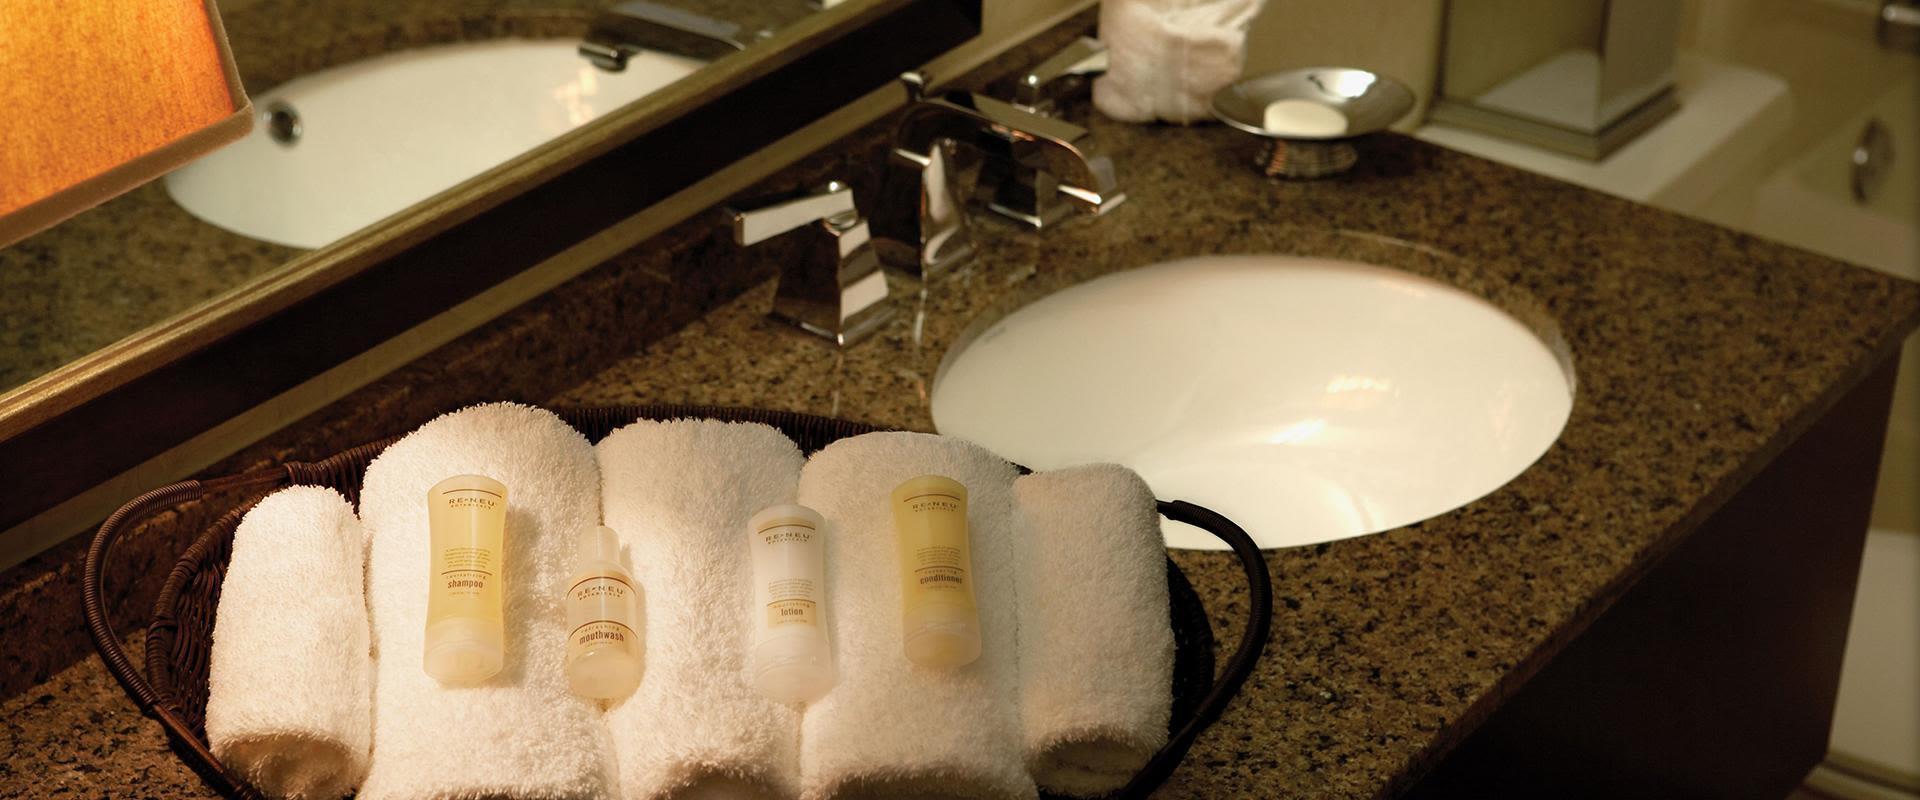 Atlanta Airport Hotel Guest Room Bathroom